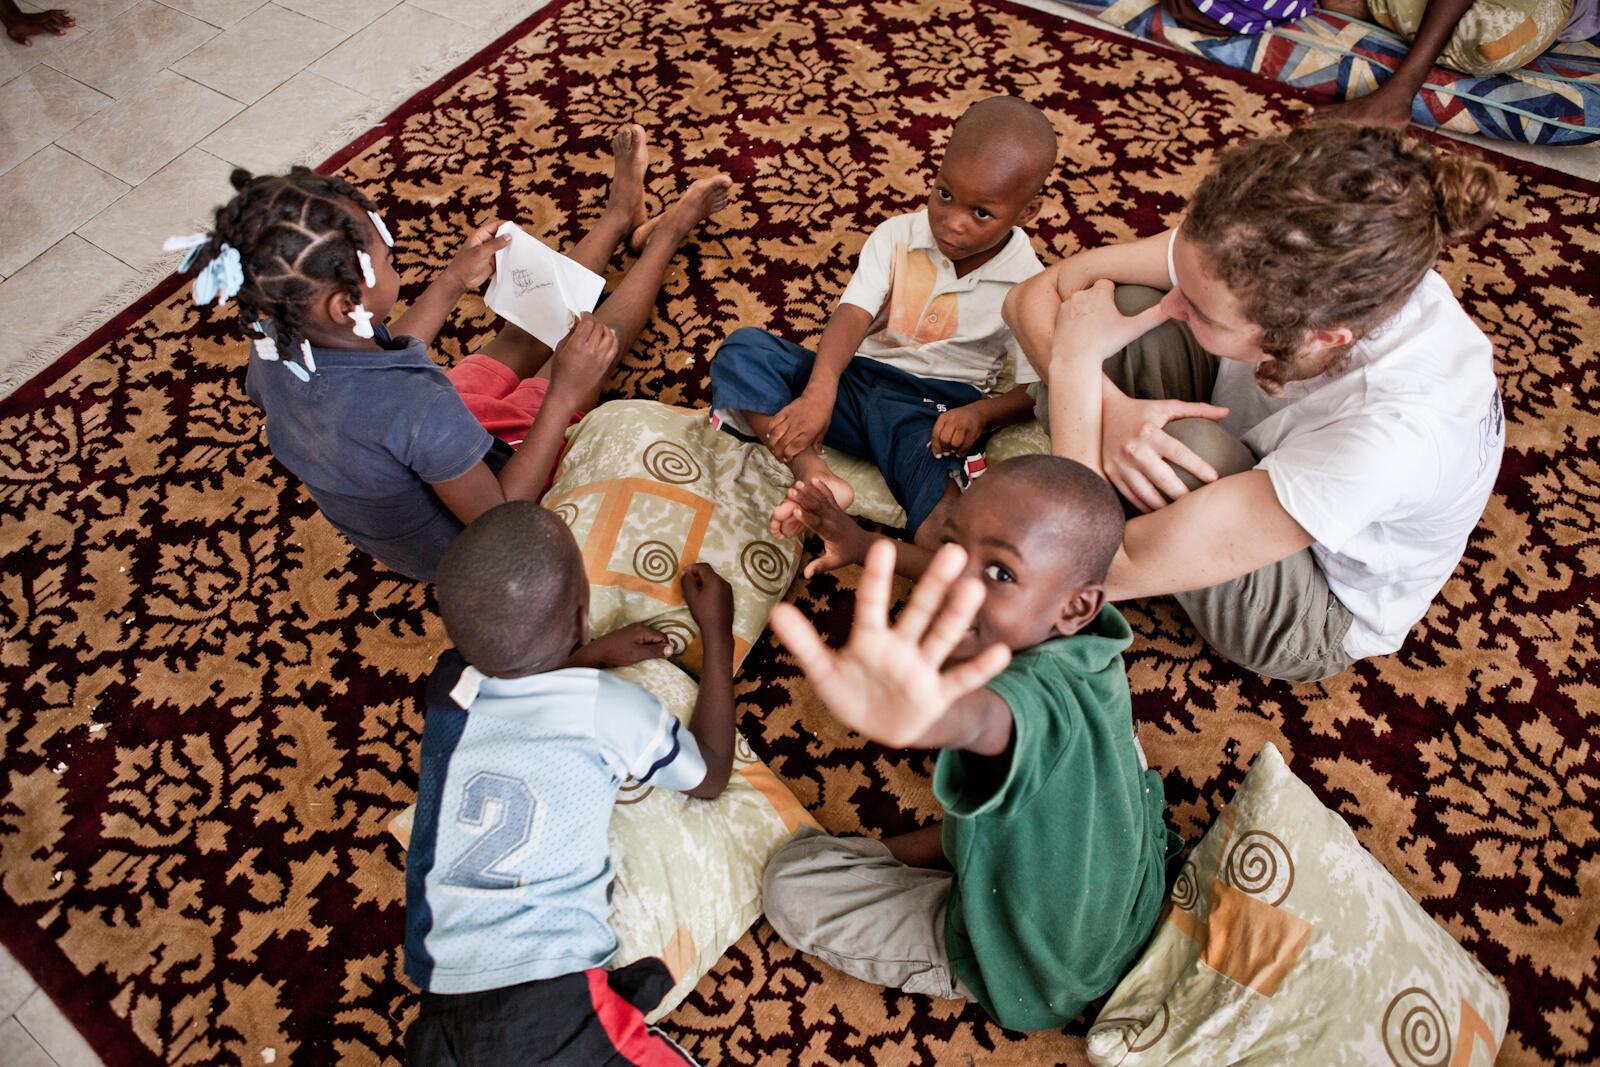 Action de Bibliothèques sans frontières dans un camp près de Port-au-Prince, en décembre 2010.